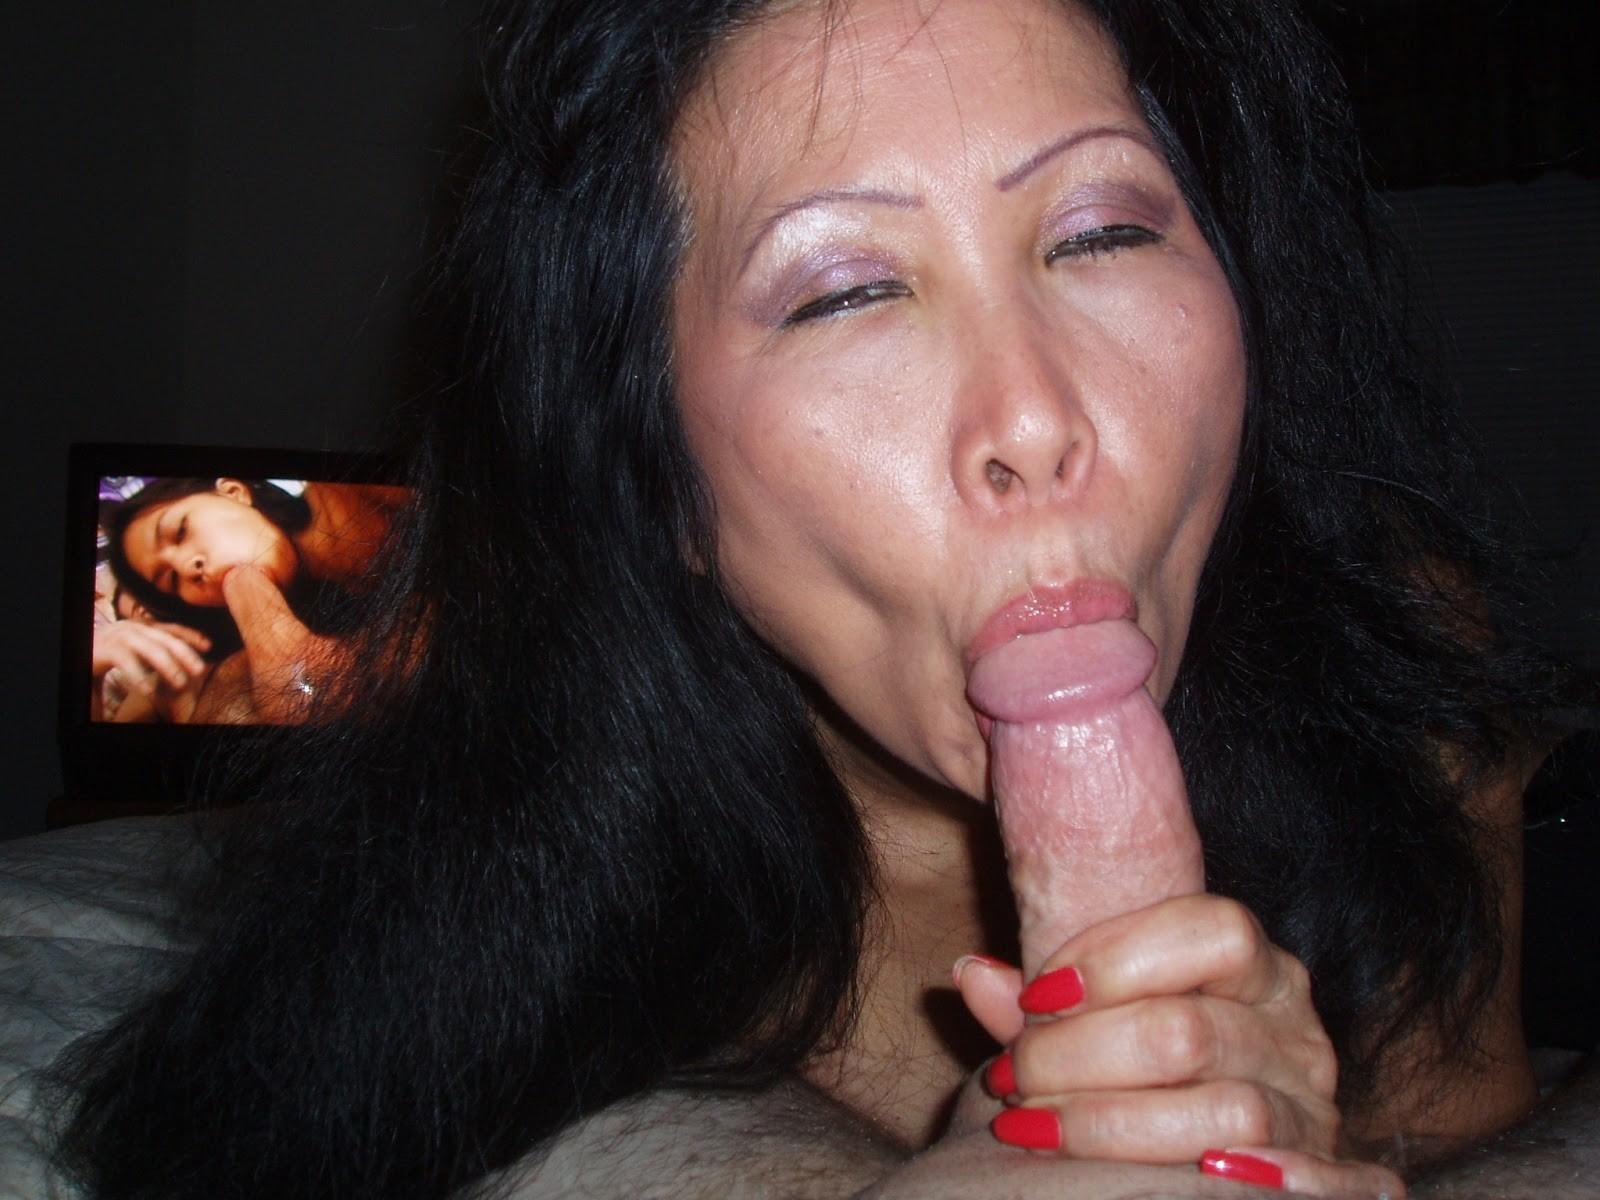 Asian women sucking dick